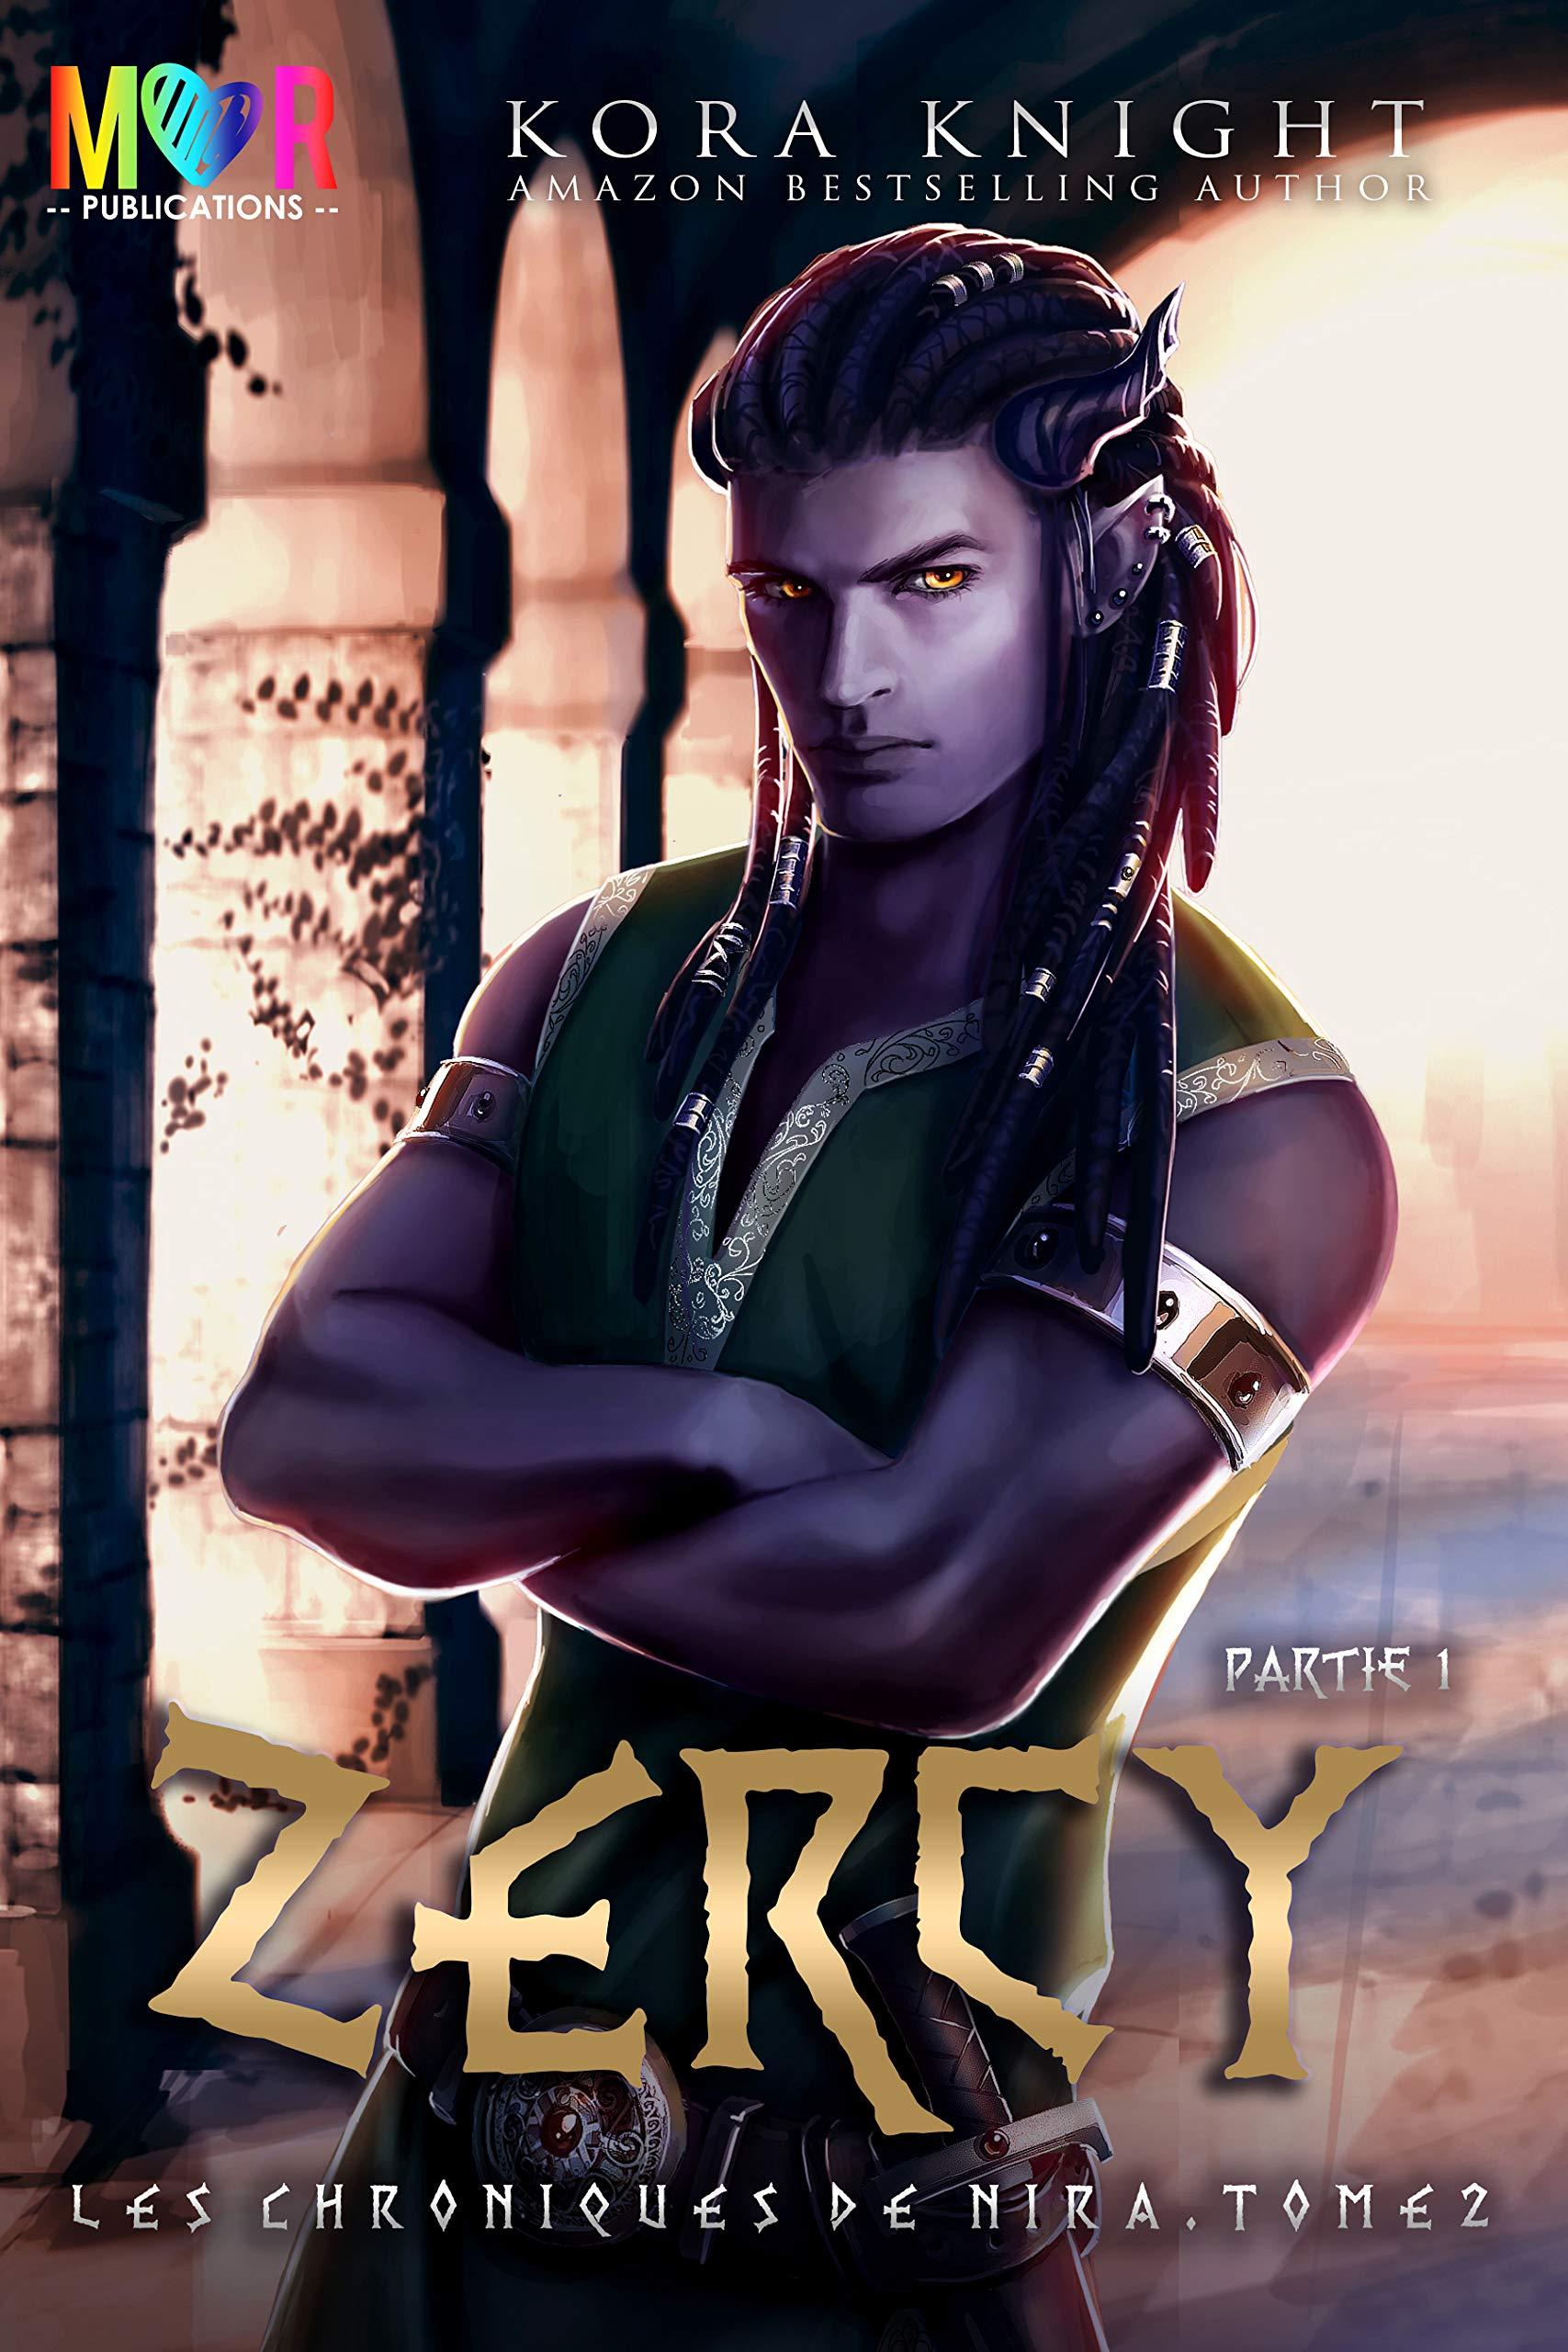 Zercy - Partie 1 (Les Chroniques de Nira t. 2) por Kora Knight